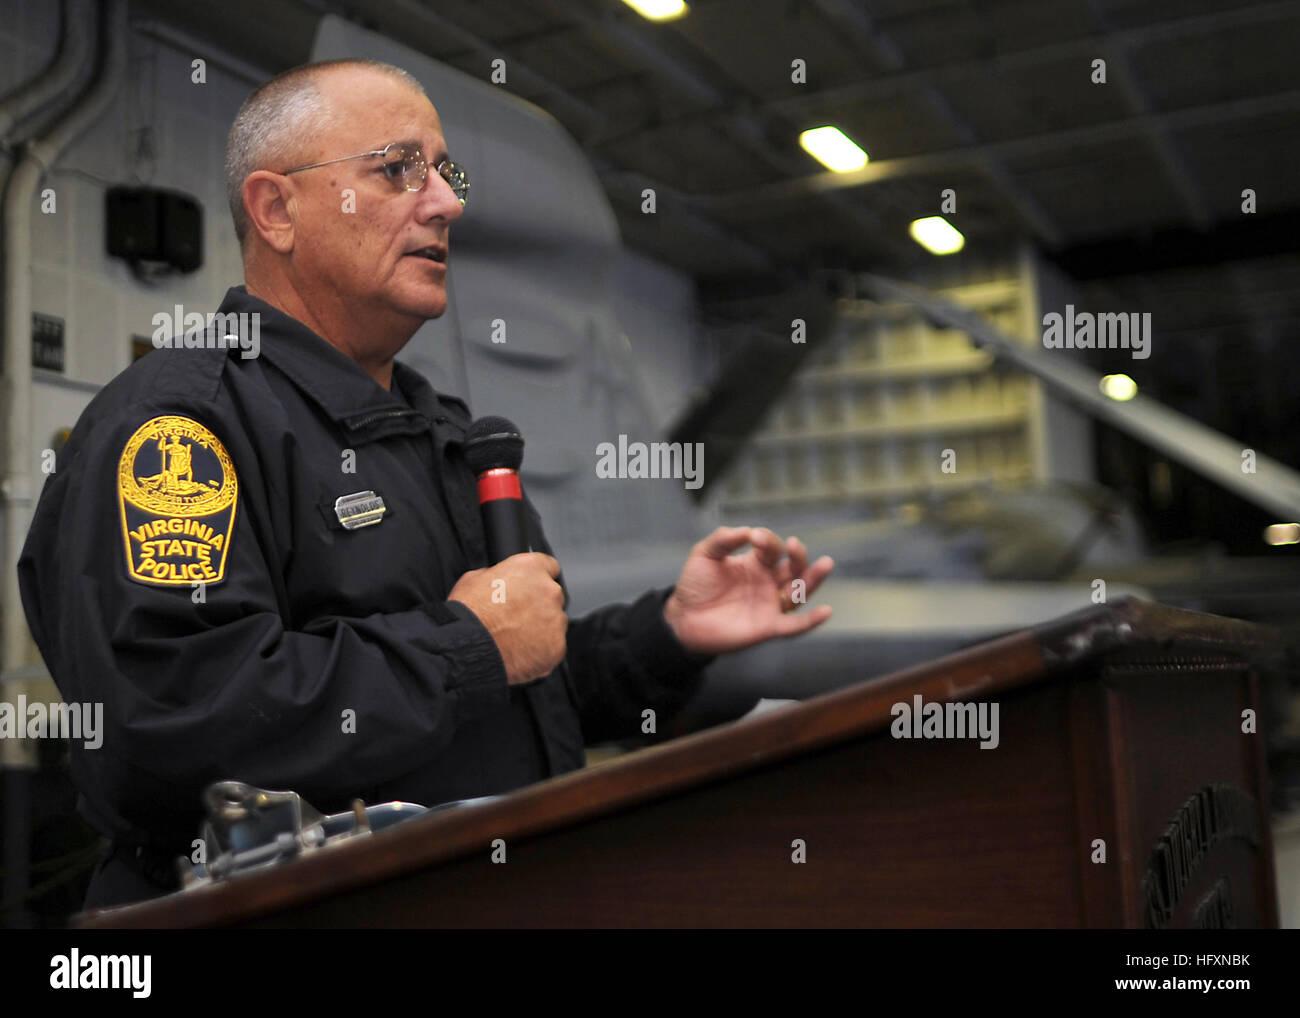 090722-N-9988F-054  ATLANTIC OCEAN (July 22, 2009) Virginia State Trooper Jim Reynolds speaks to the crew of the - Stock Image